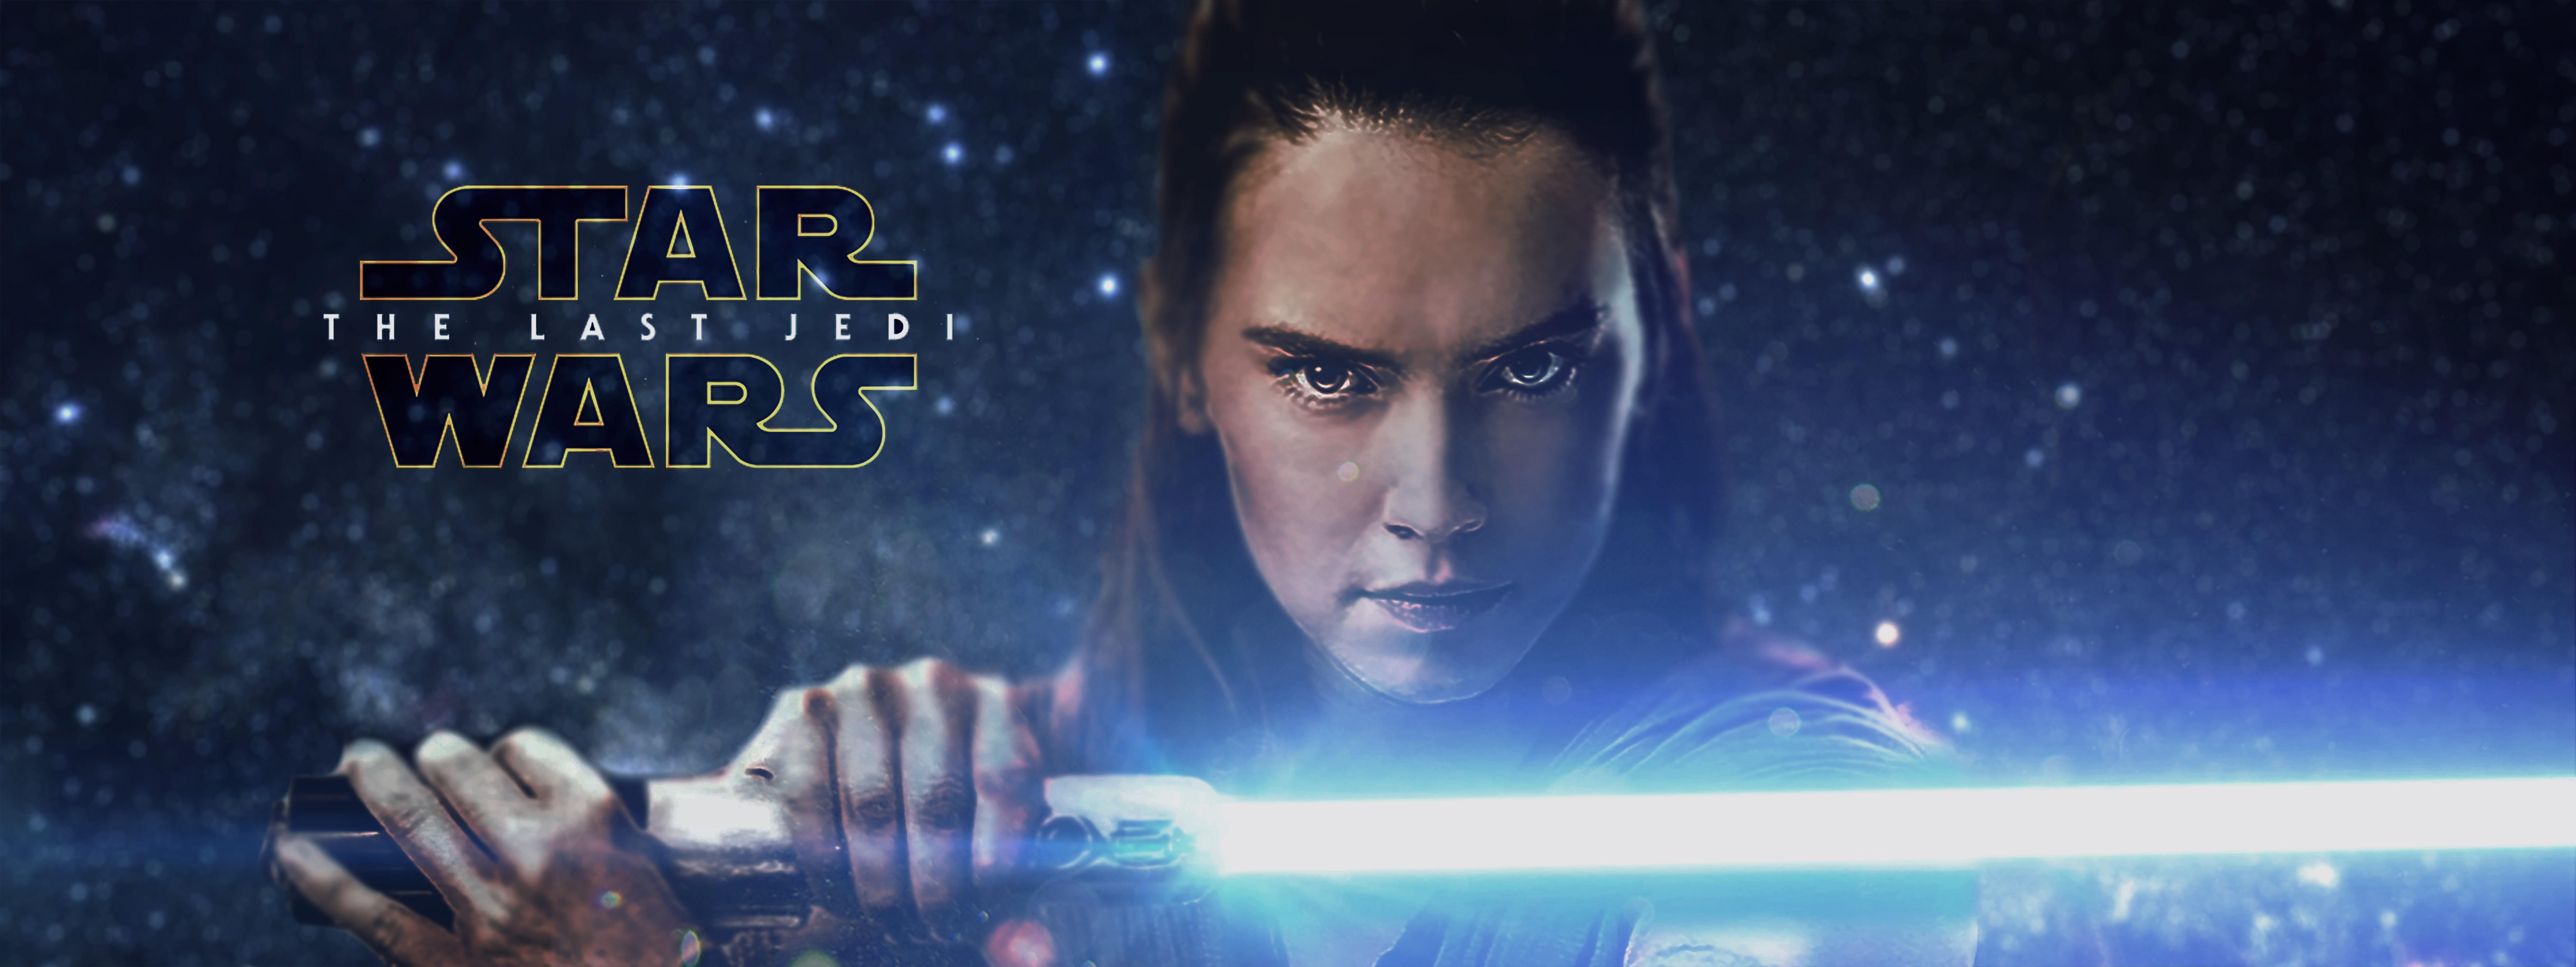 Wallpaper Star Wars Star Wars The Last Jedi Rey From Star Wars